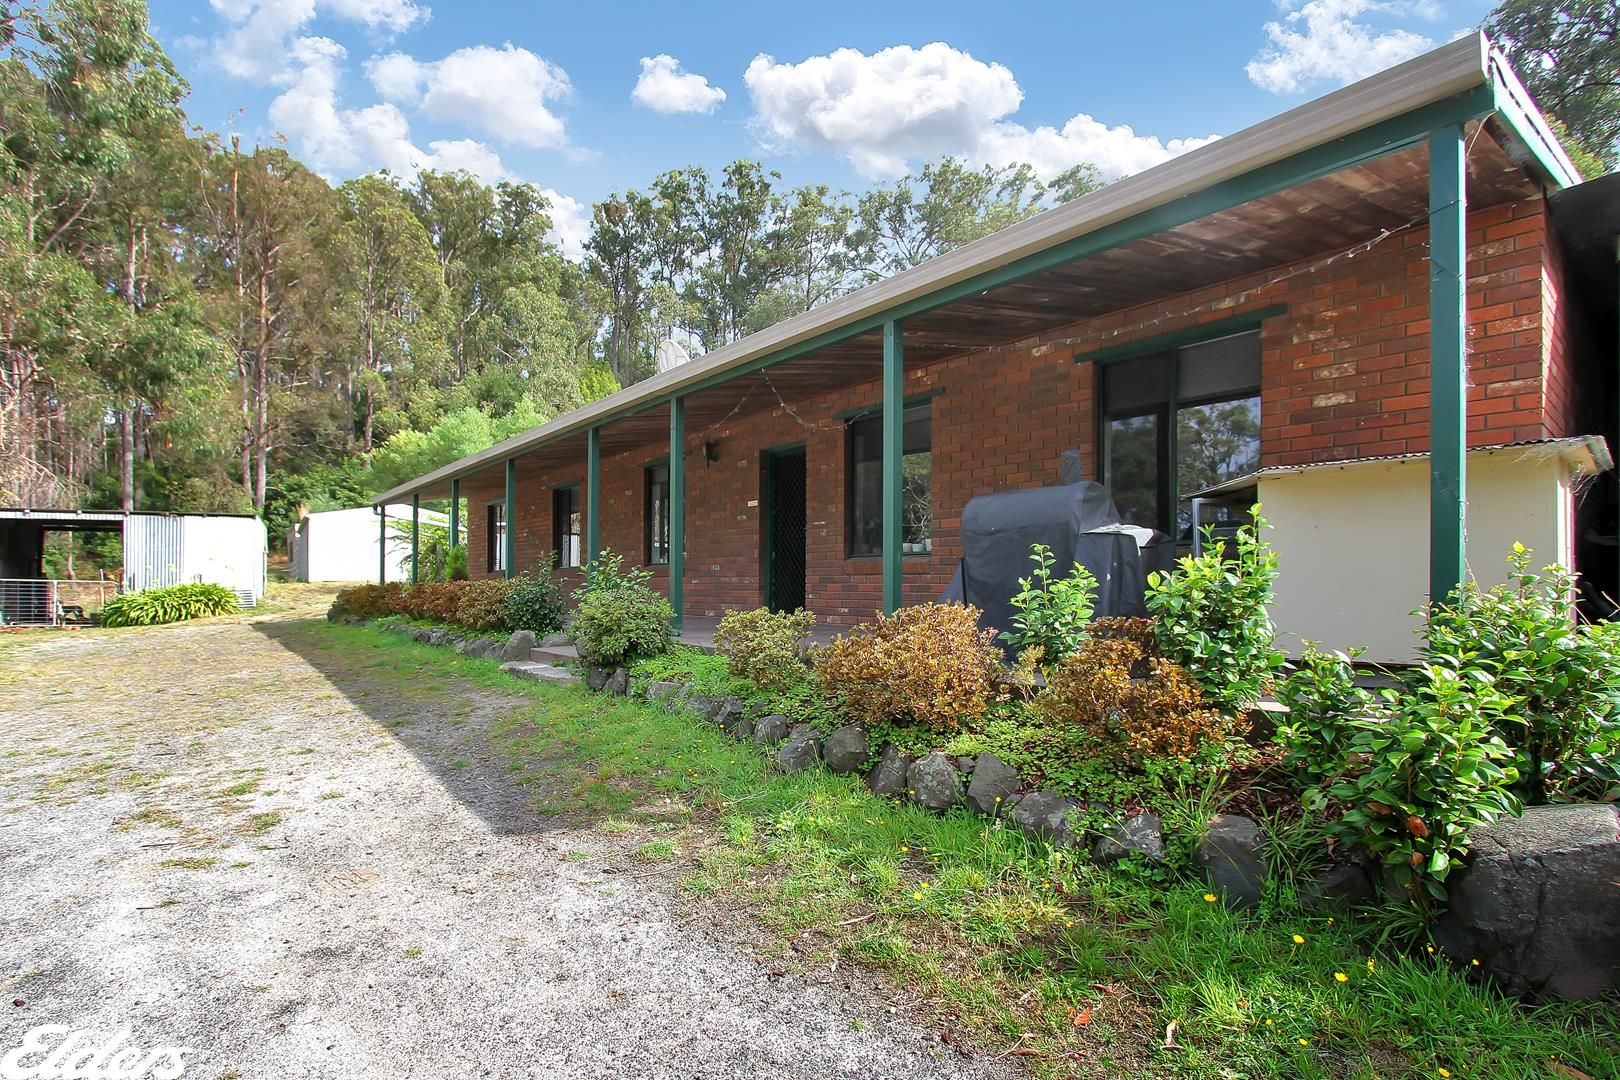 453 BULGA PARK ROAD, Macks Creek VIC 3971, Image 1